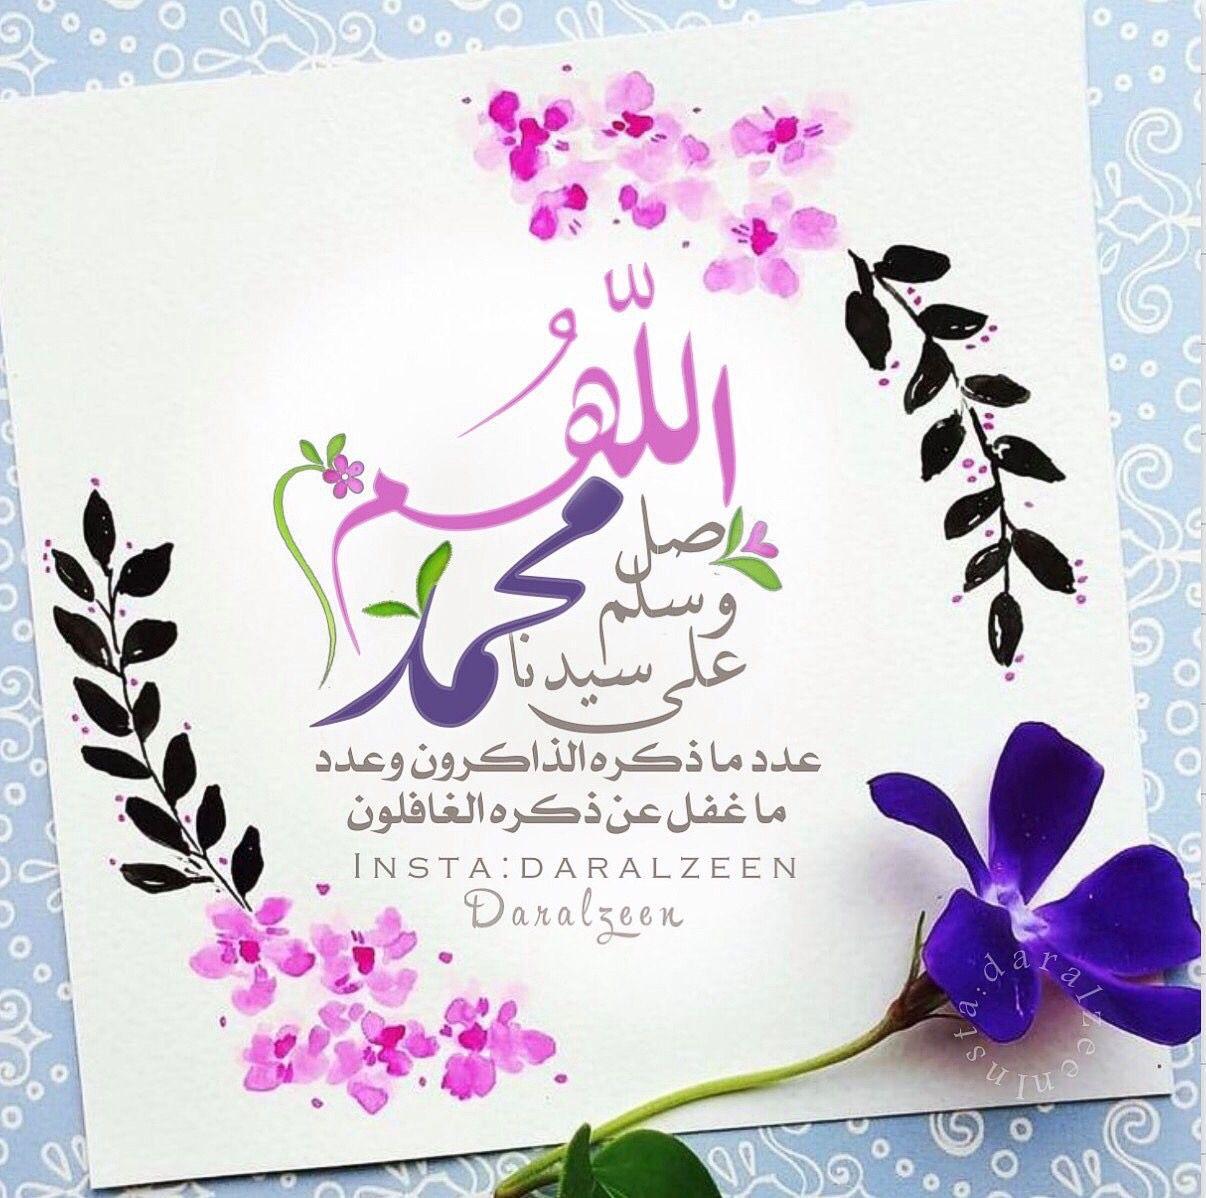 محمد رسول الله Islamic Art Calligraphy Holy Quran Islamic Pictures